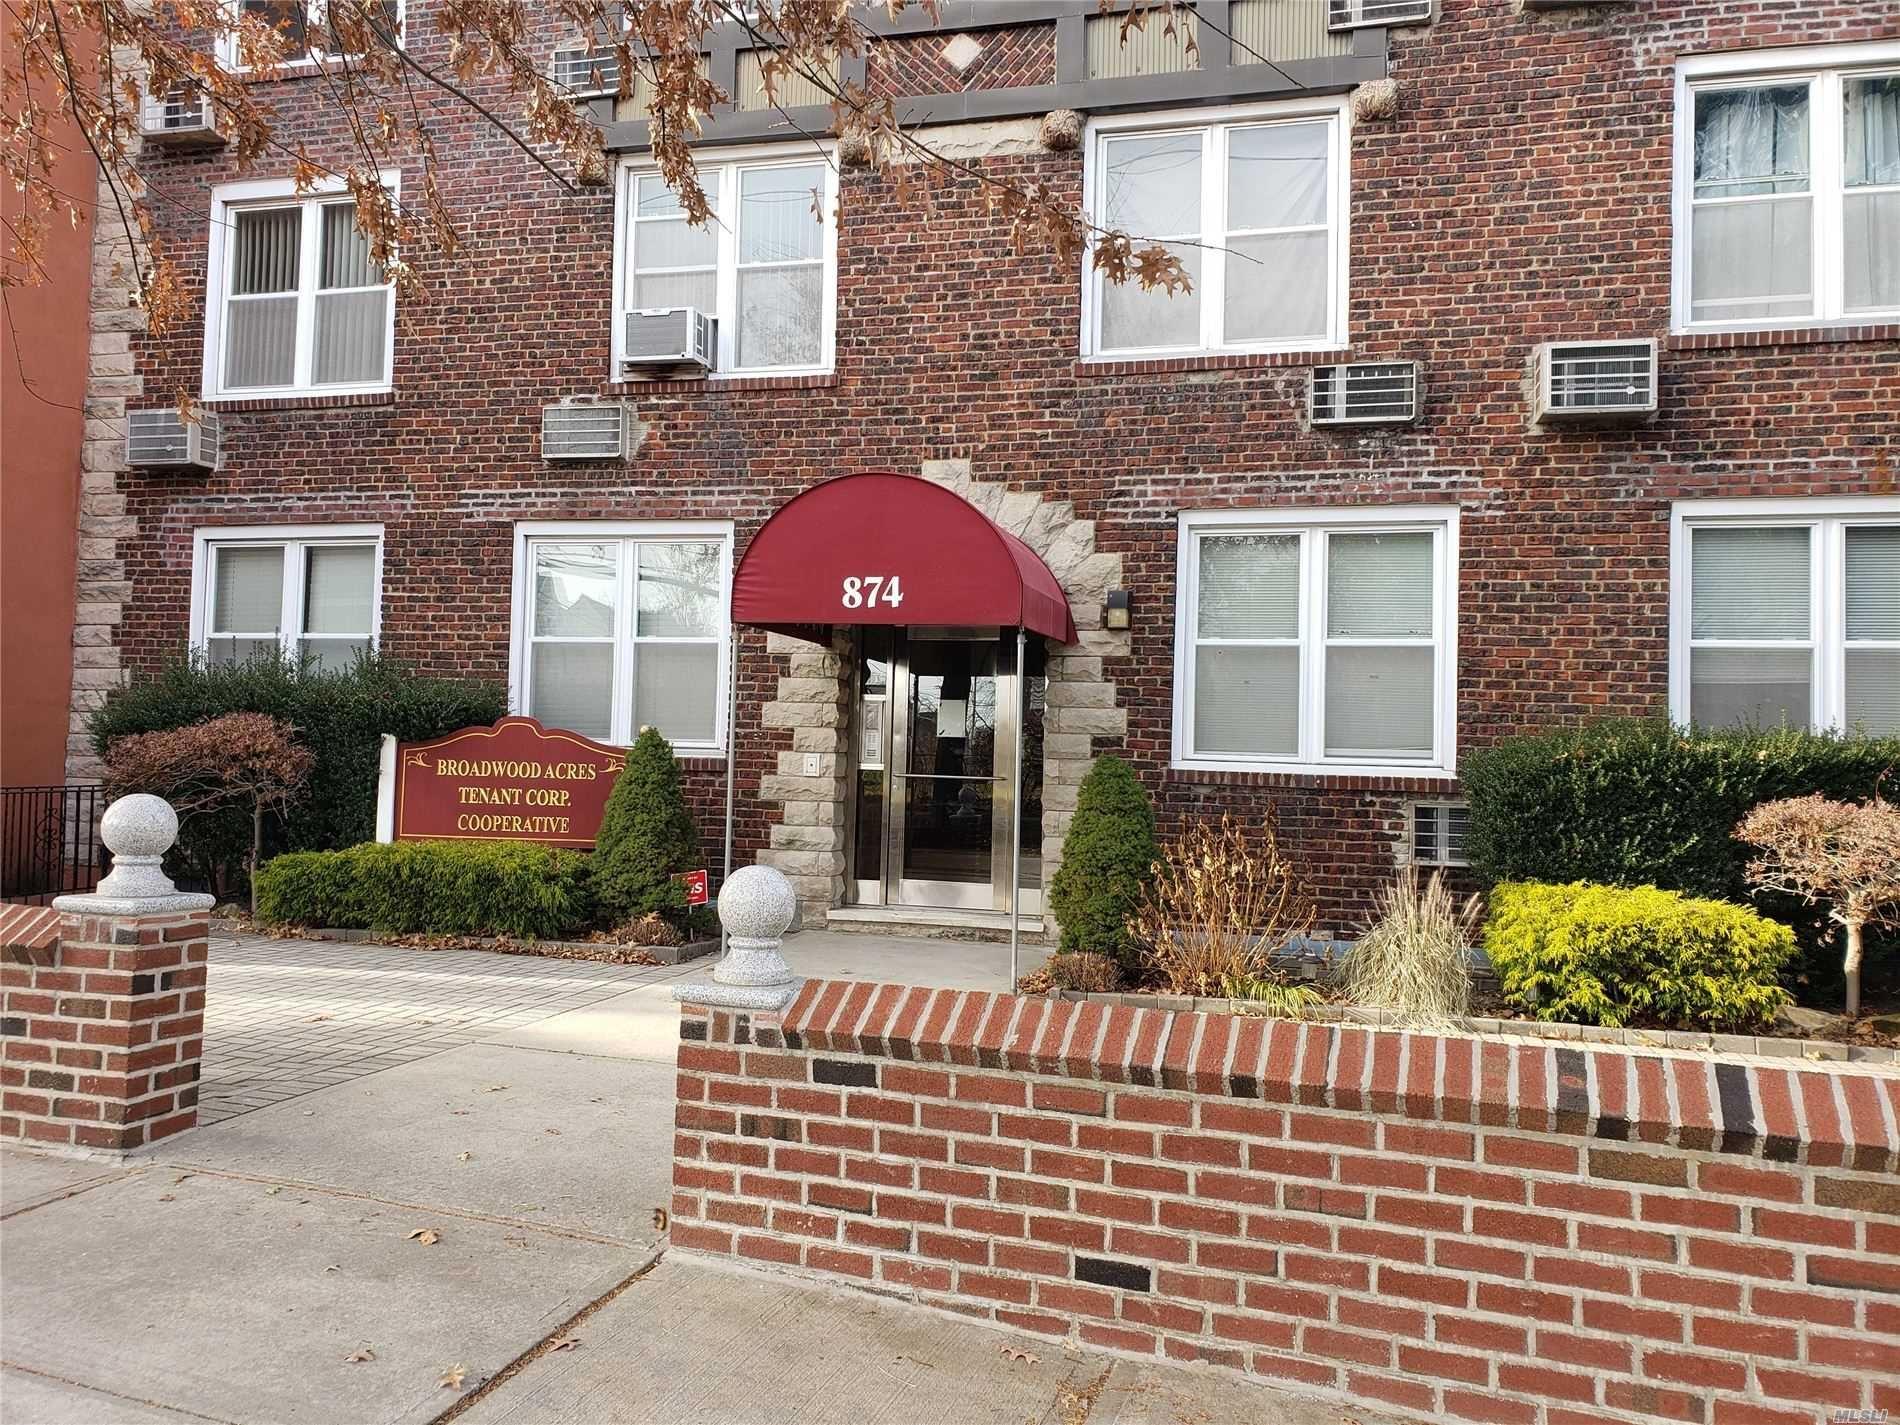 874 W Broadway #B4, Woodmere, NY 11598 - MLS#: 3162348